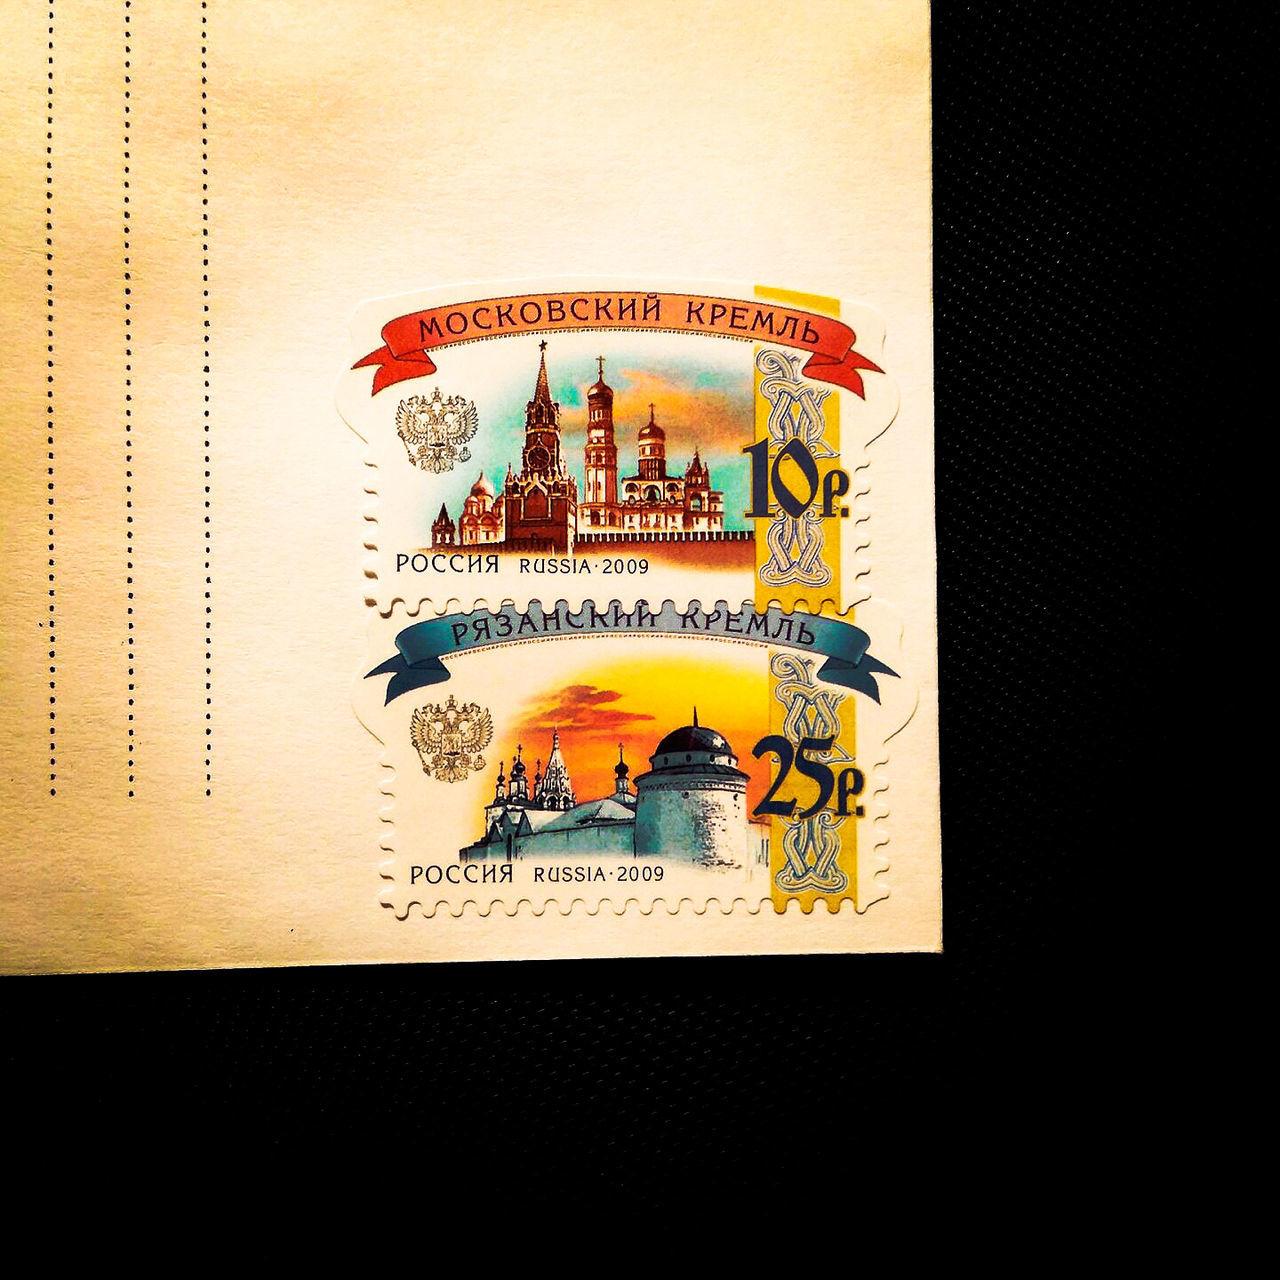 МосковскийКремль марки почта россии  письмо конверт